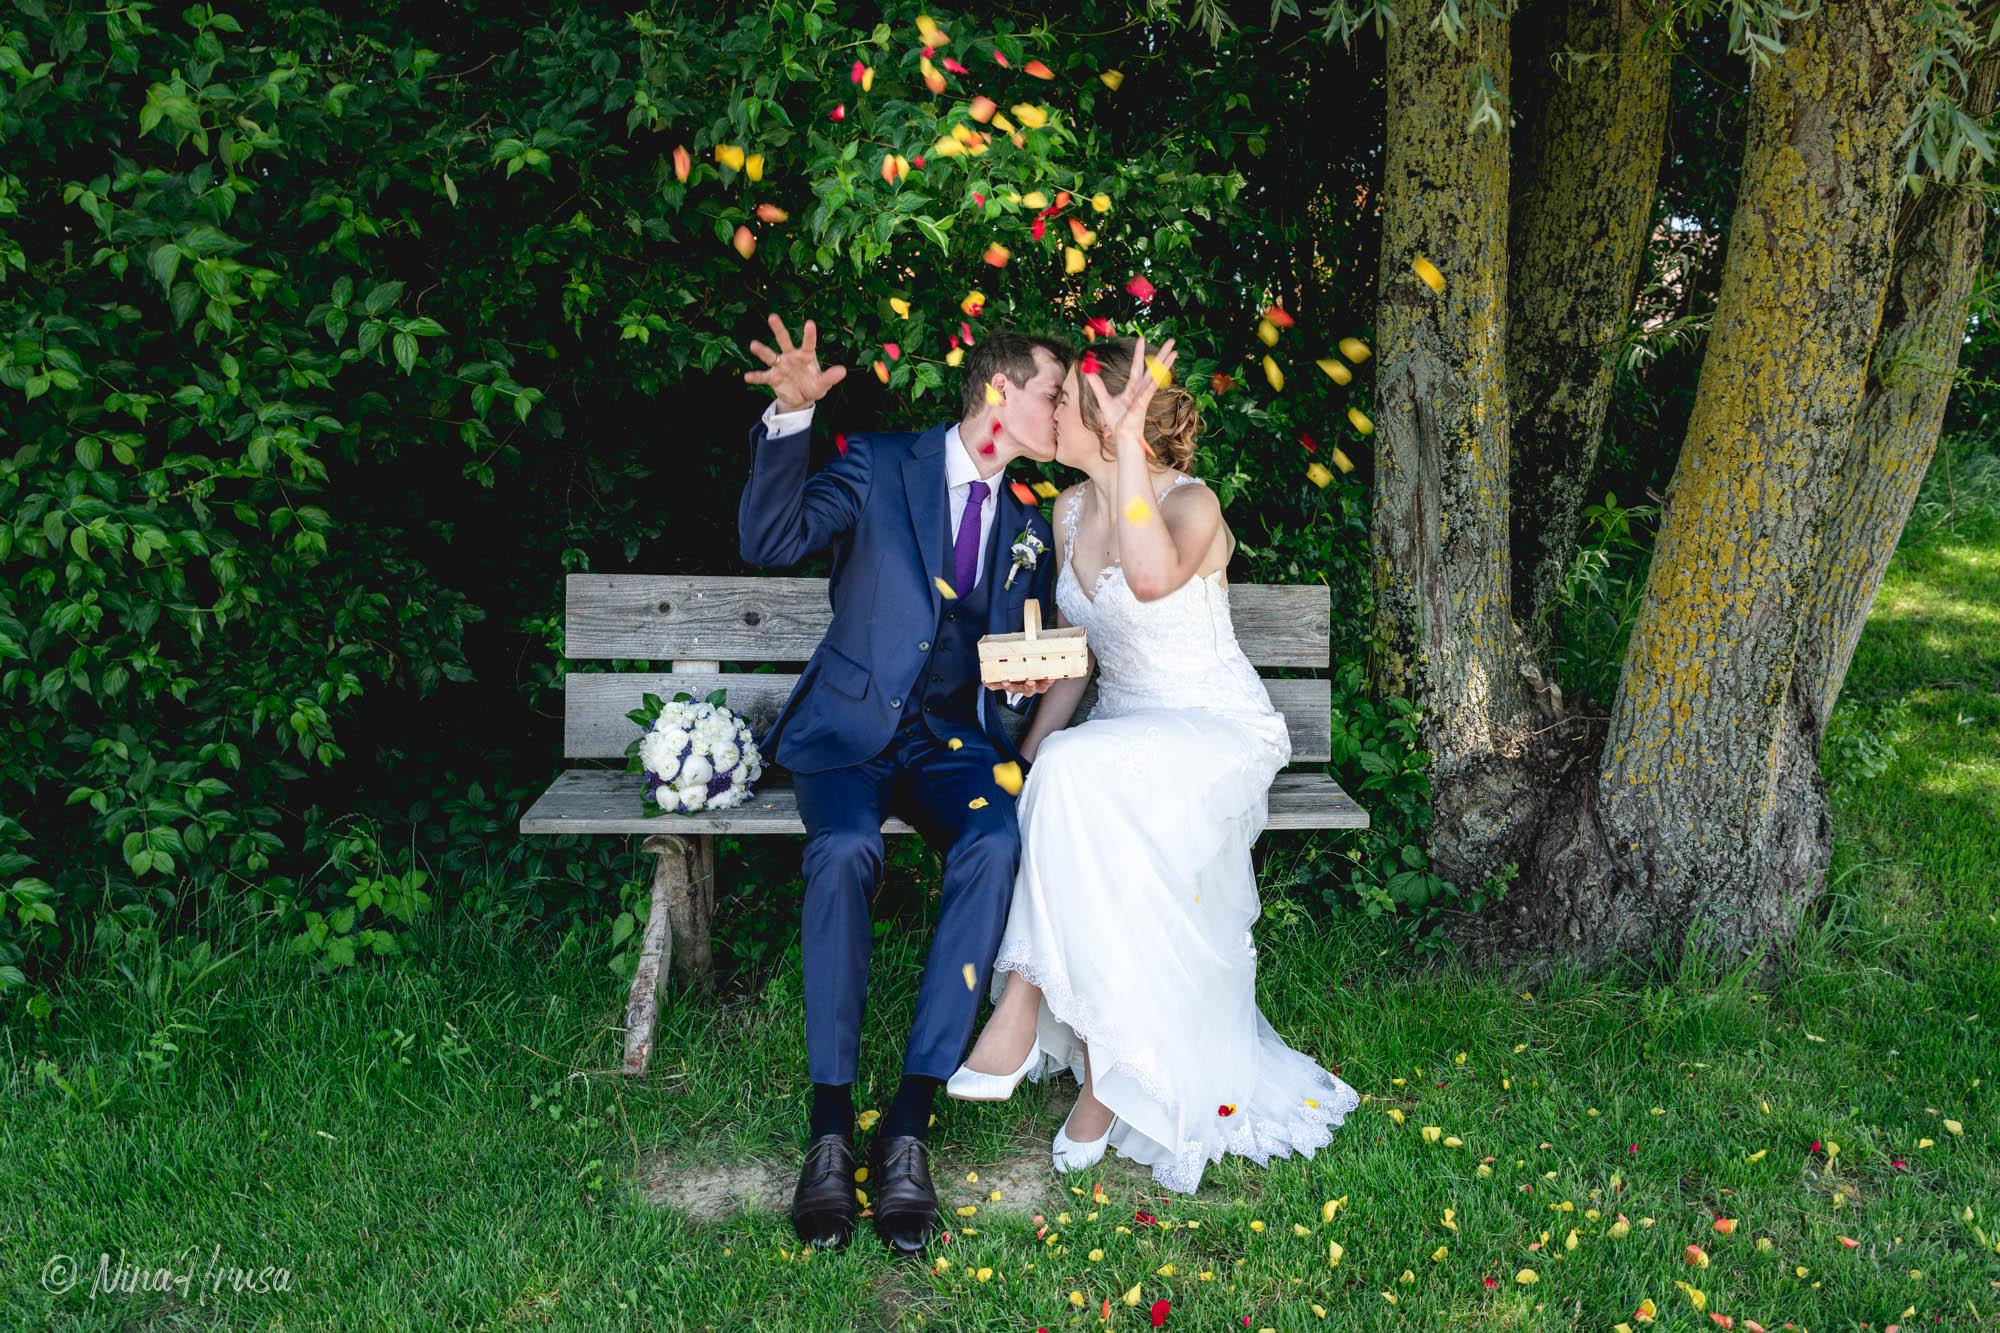 Brautpaar wirft Rosenblüten, Hochzeitsfoto, Zwischenmomente | Nina Hrusa Photography